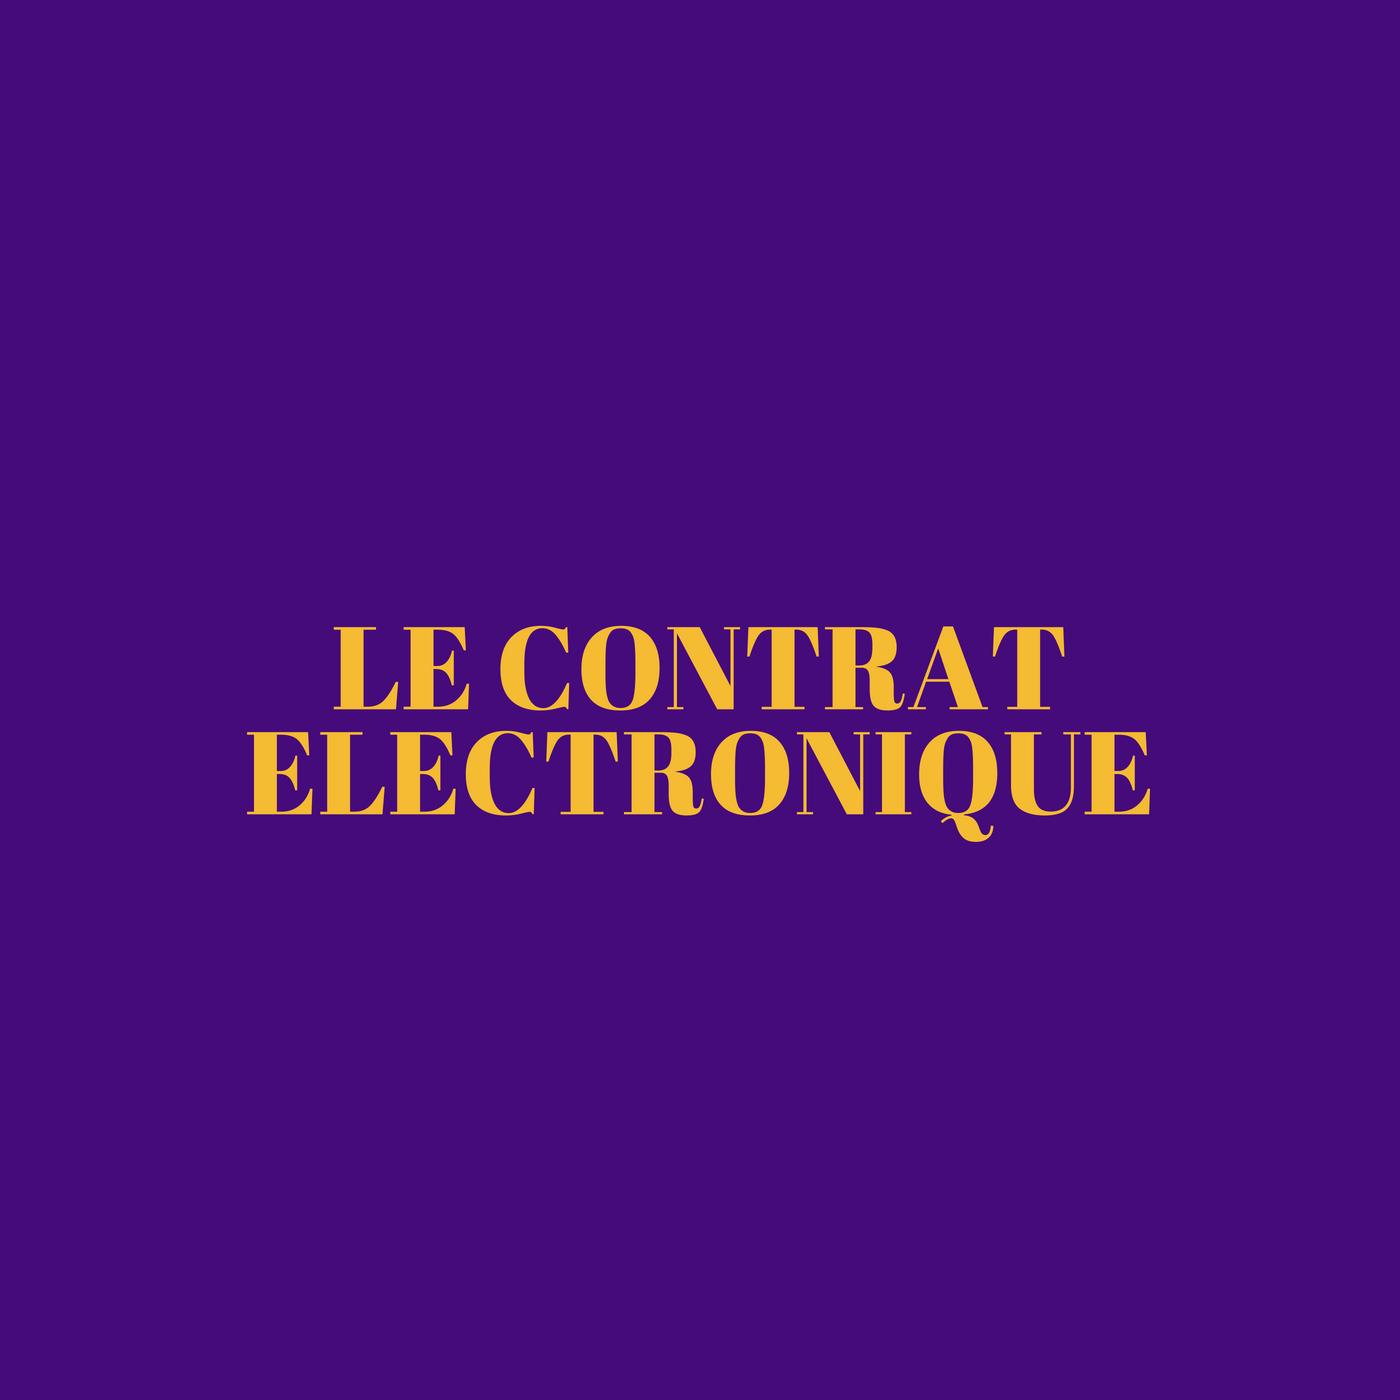 Le contrat électronique